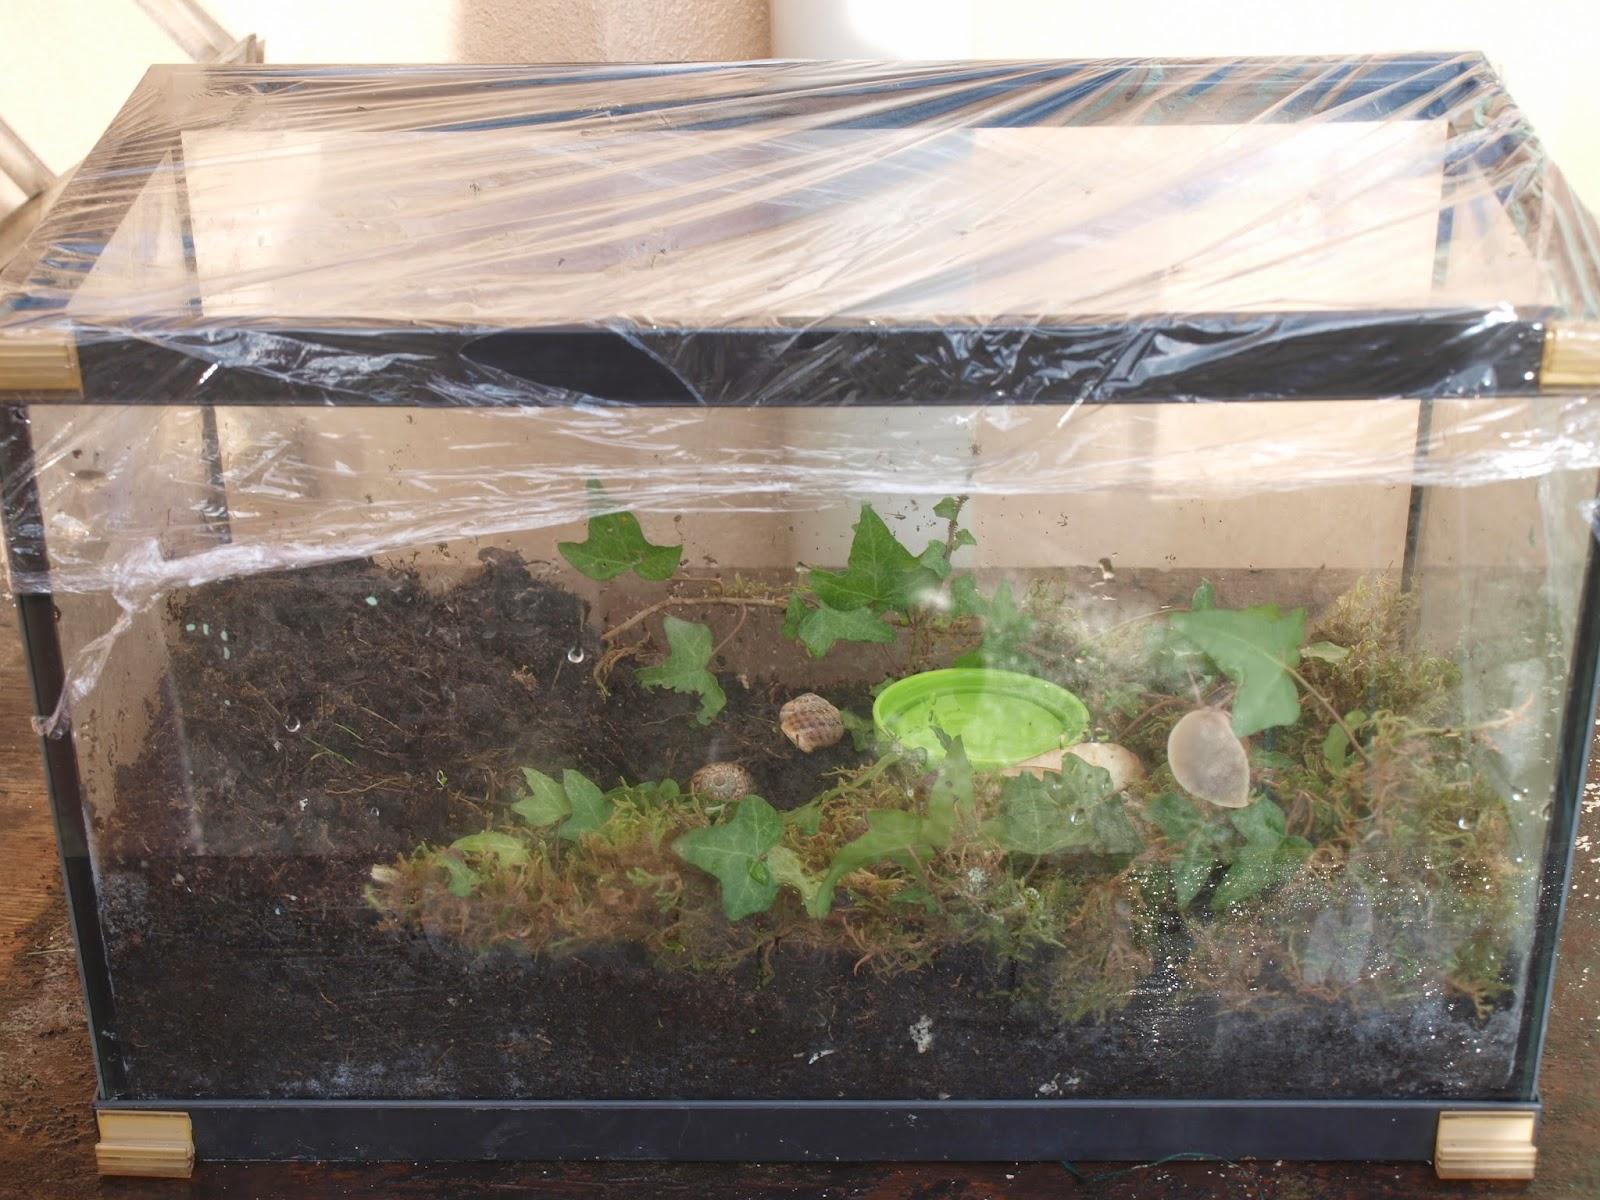 Extrêmement L'école à la maison dans notre quotidien: Elevage d'escargots IJ65